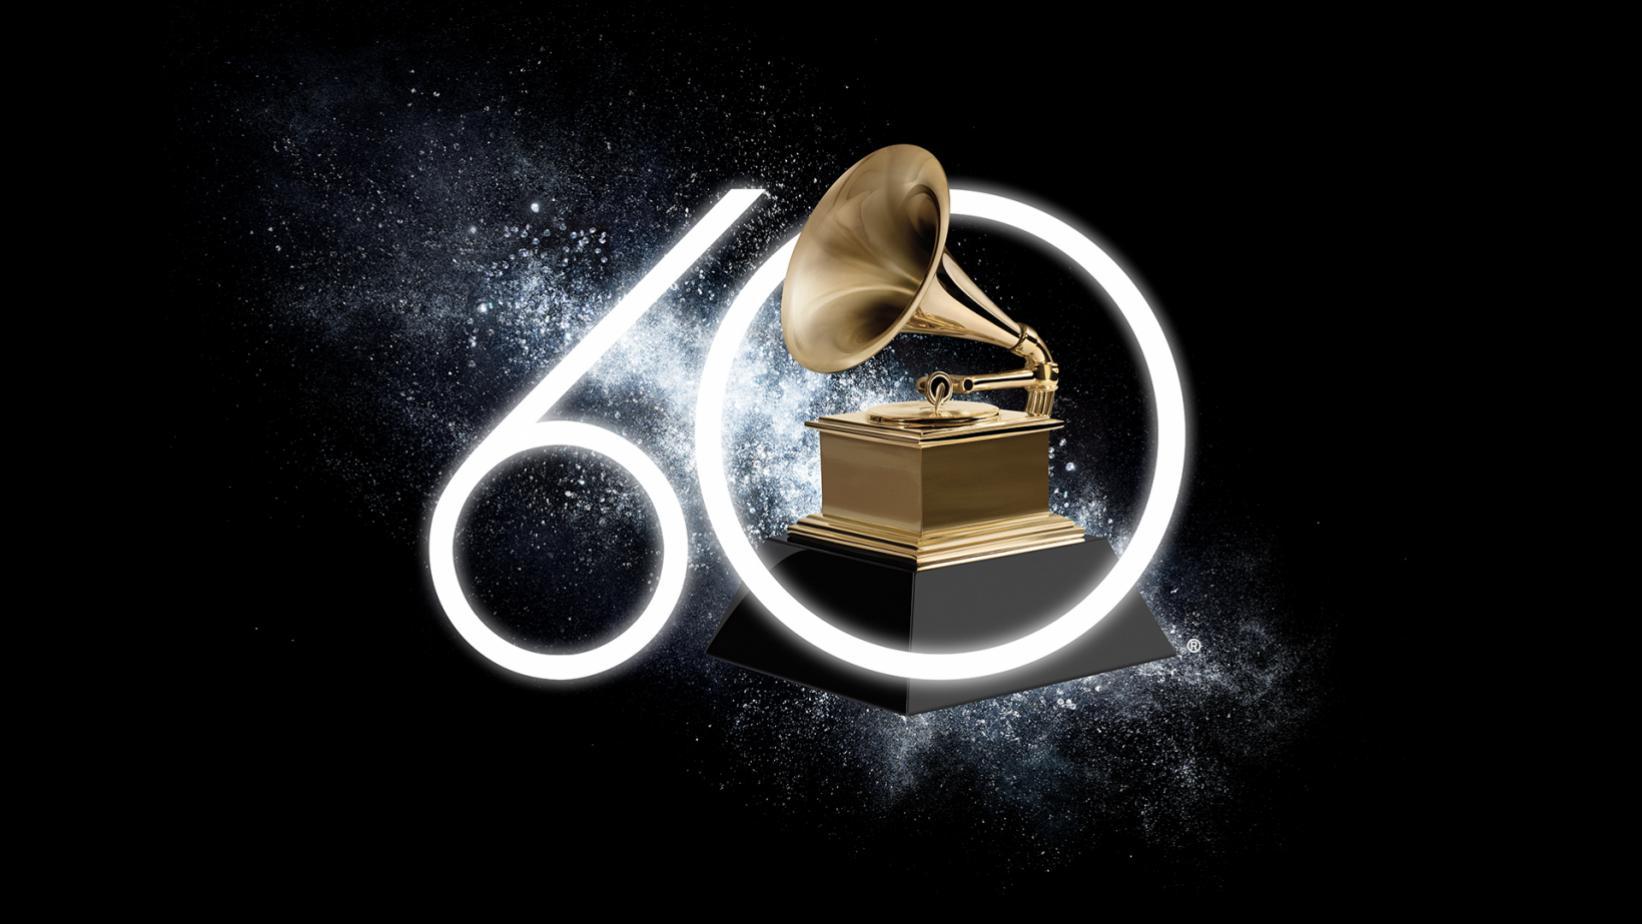 Grammy 2018: A Maior Premiação Da Música E As Contradições Do Evento